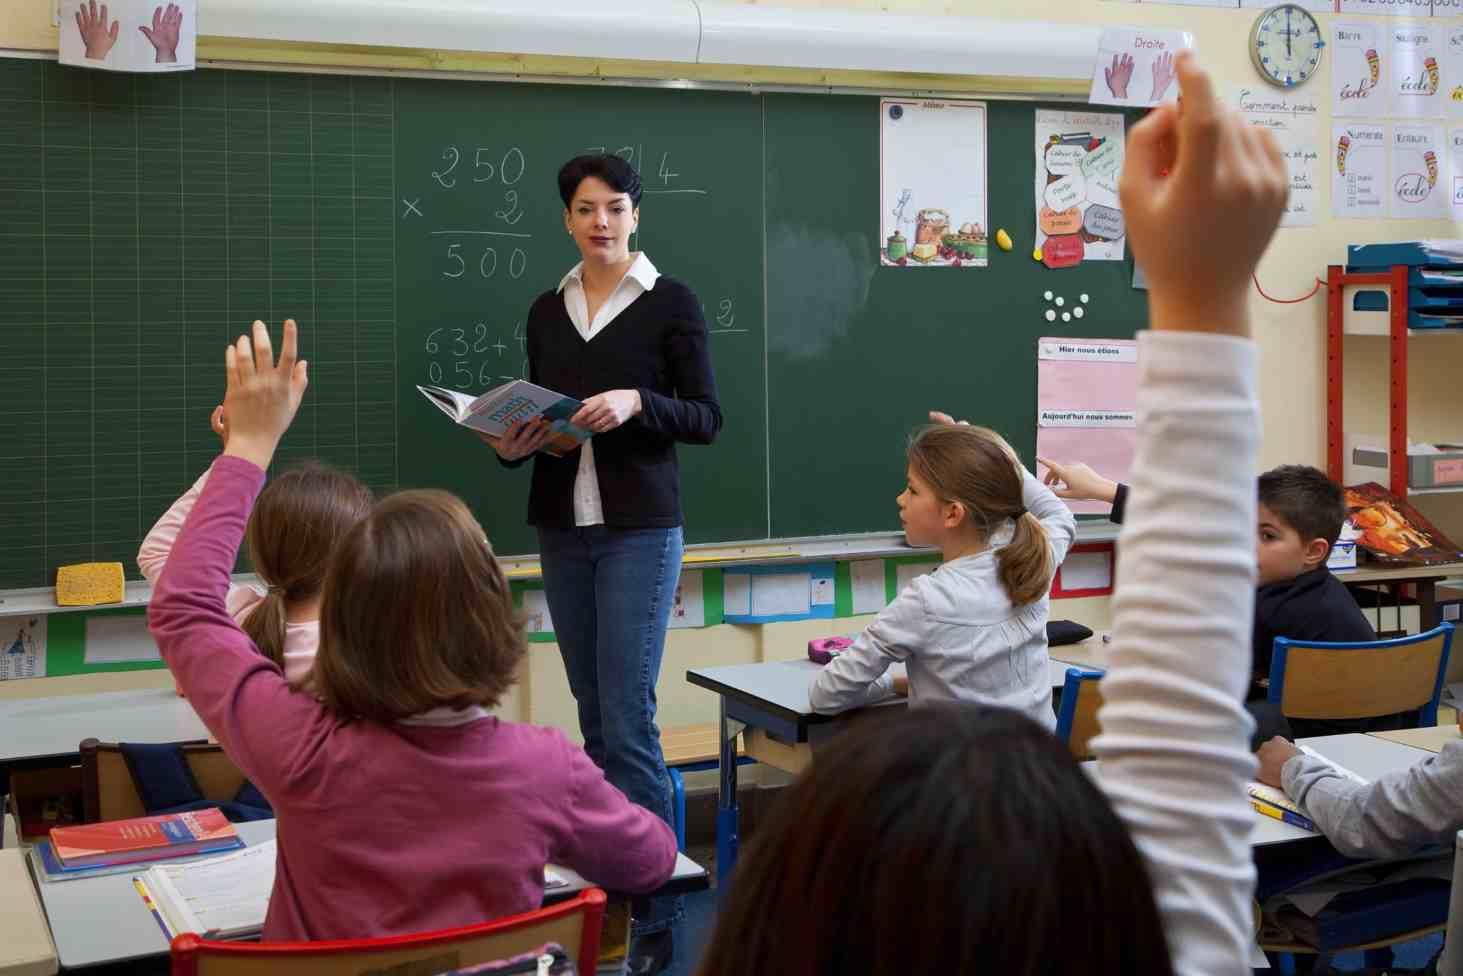 eksperty-profsoyuza-obrazovaniya-predlozhili-uzhestochit-nakazanie-za-oskorblenie-ili-napadenie-na-uchitelya